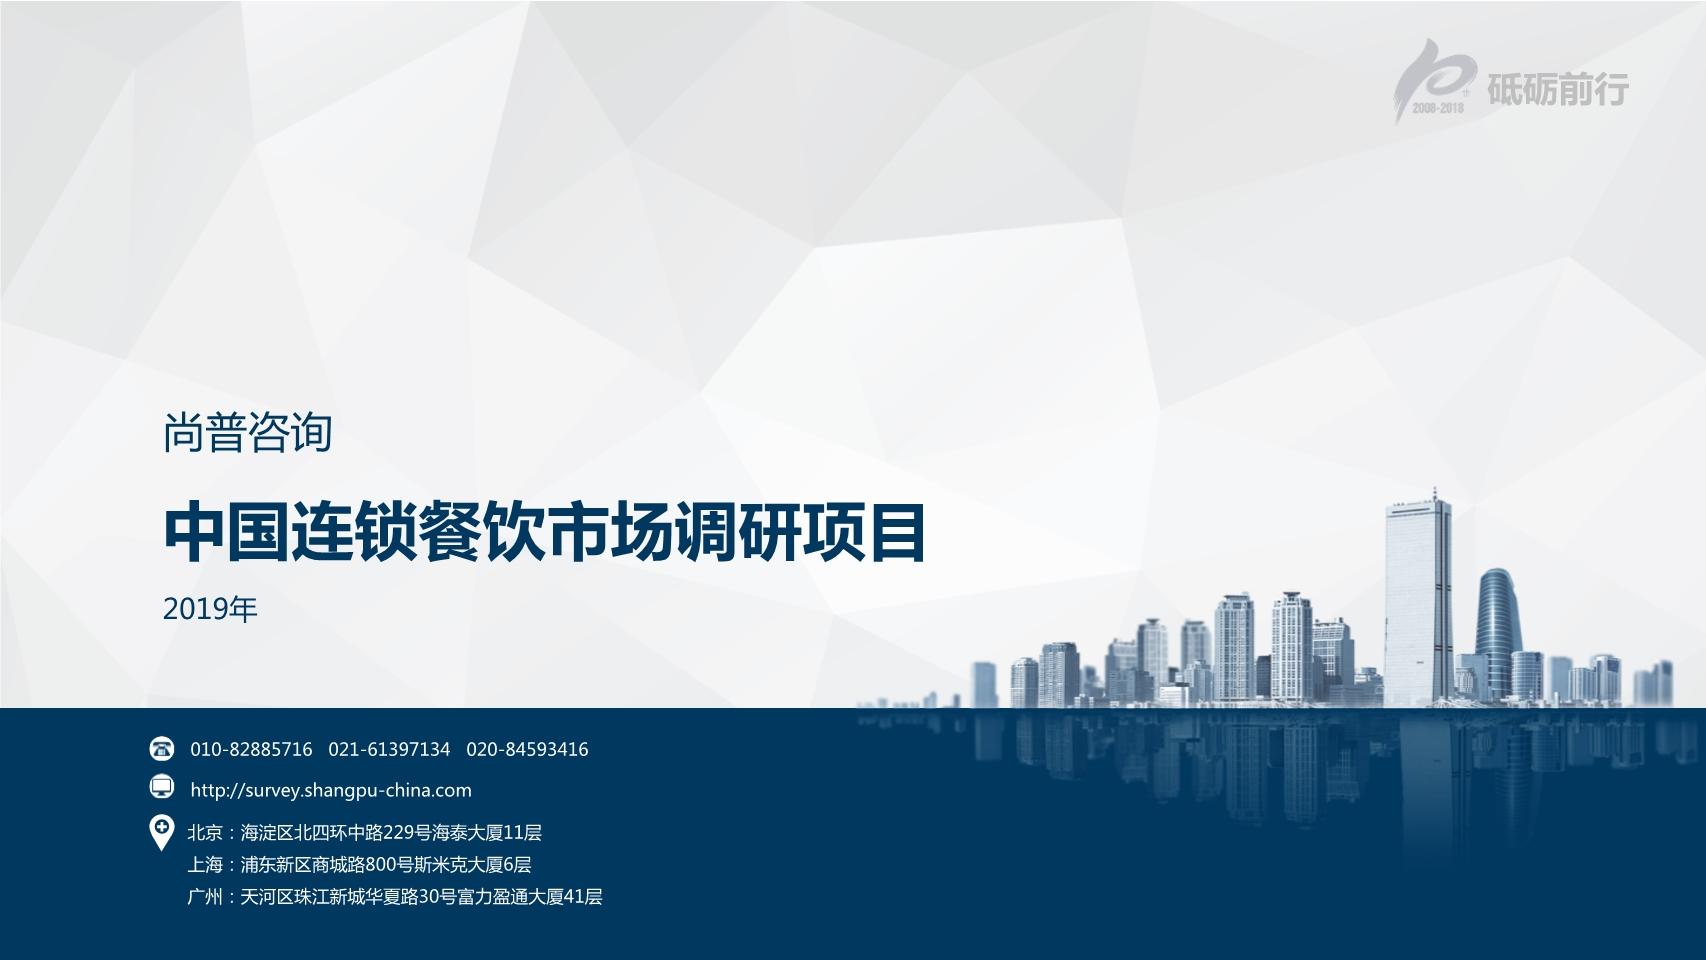 尚普咨询-中国连锁餐饮市场调研项目